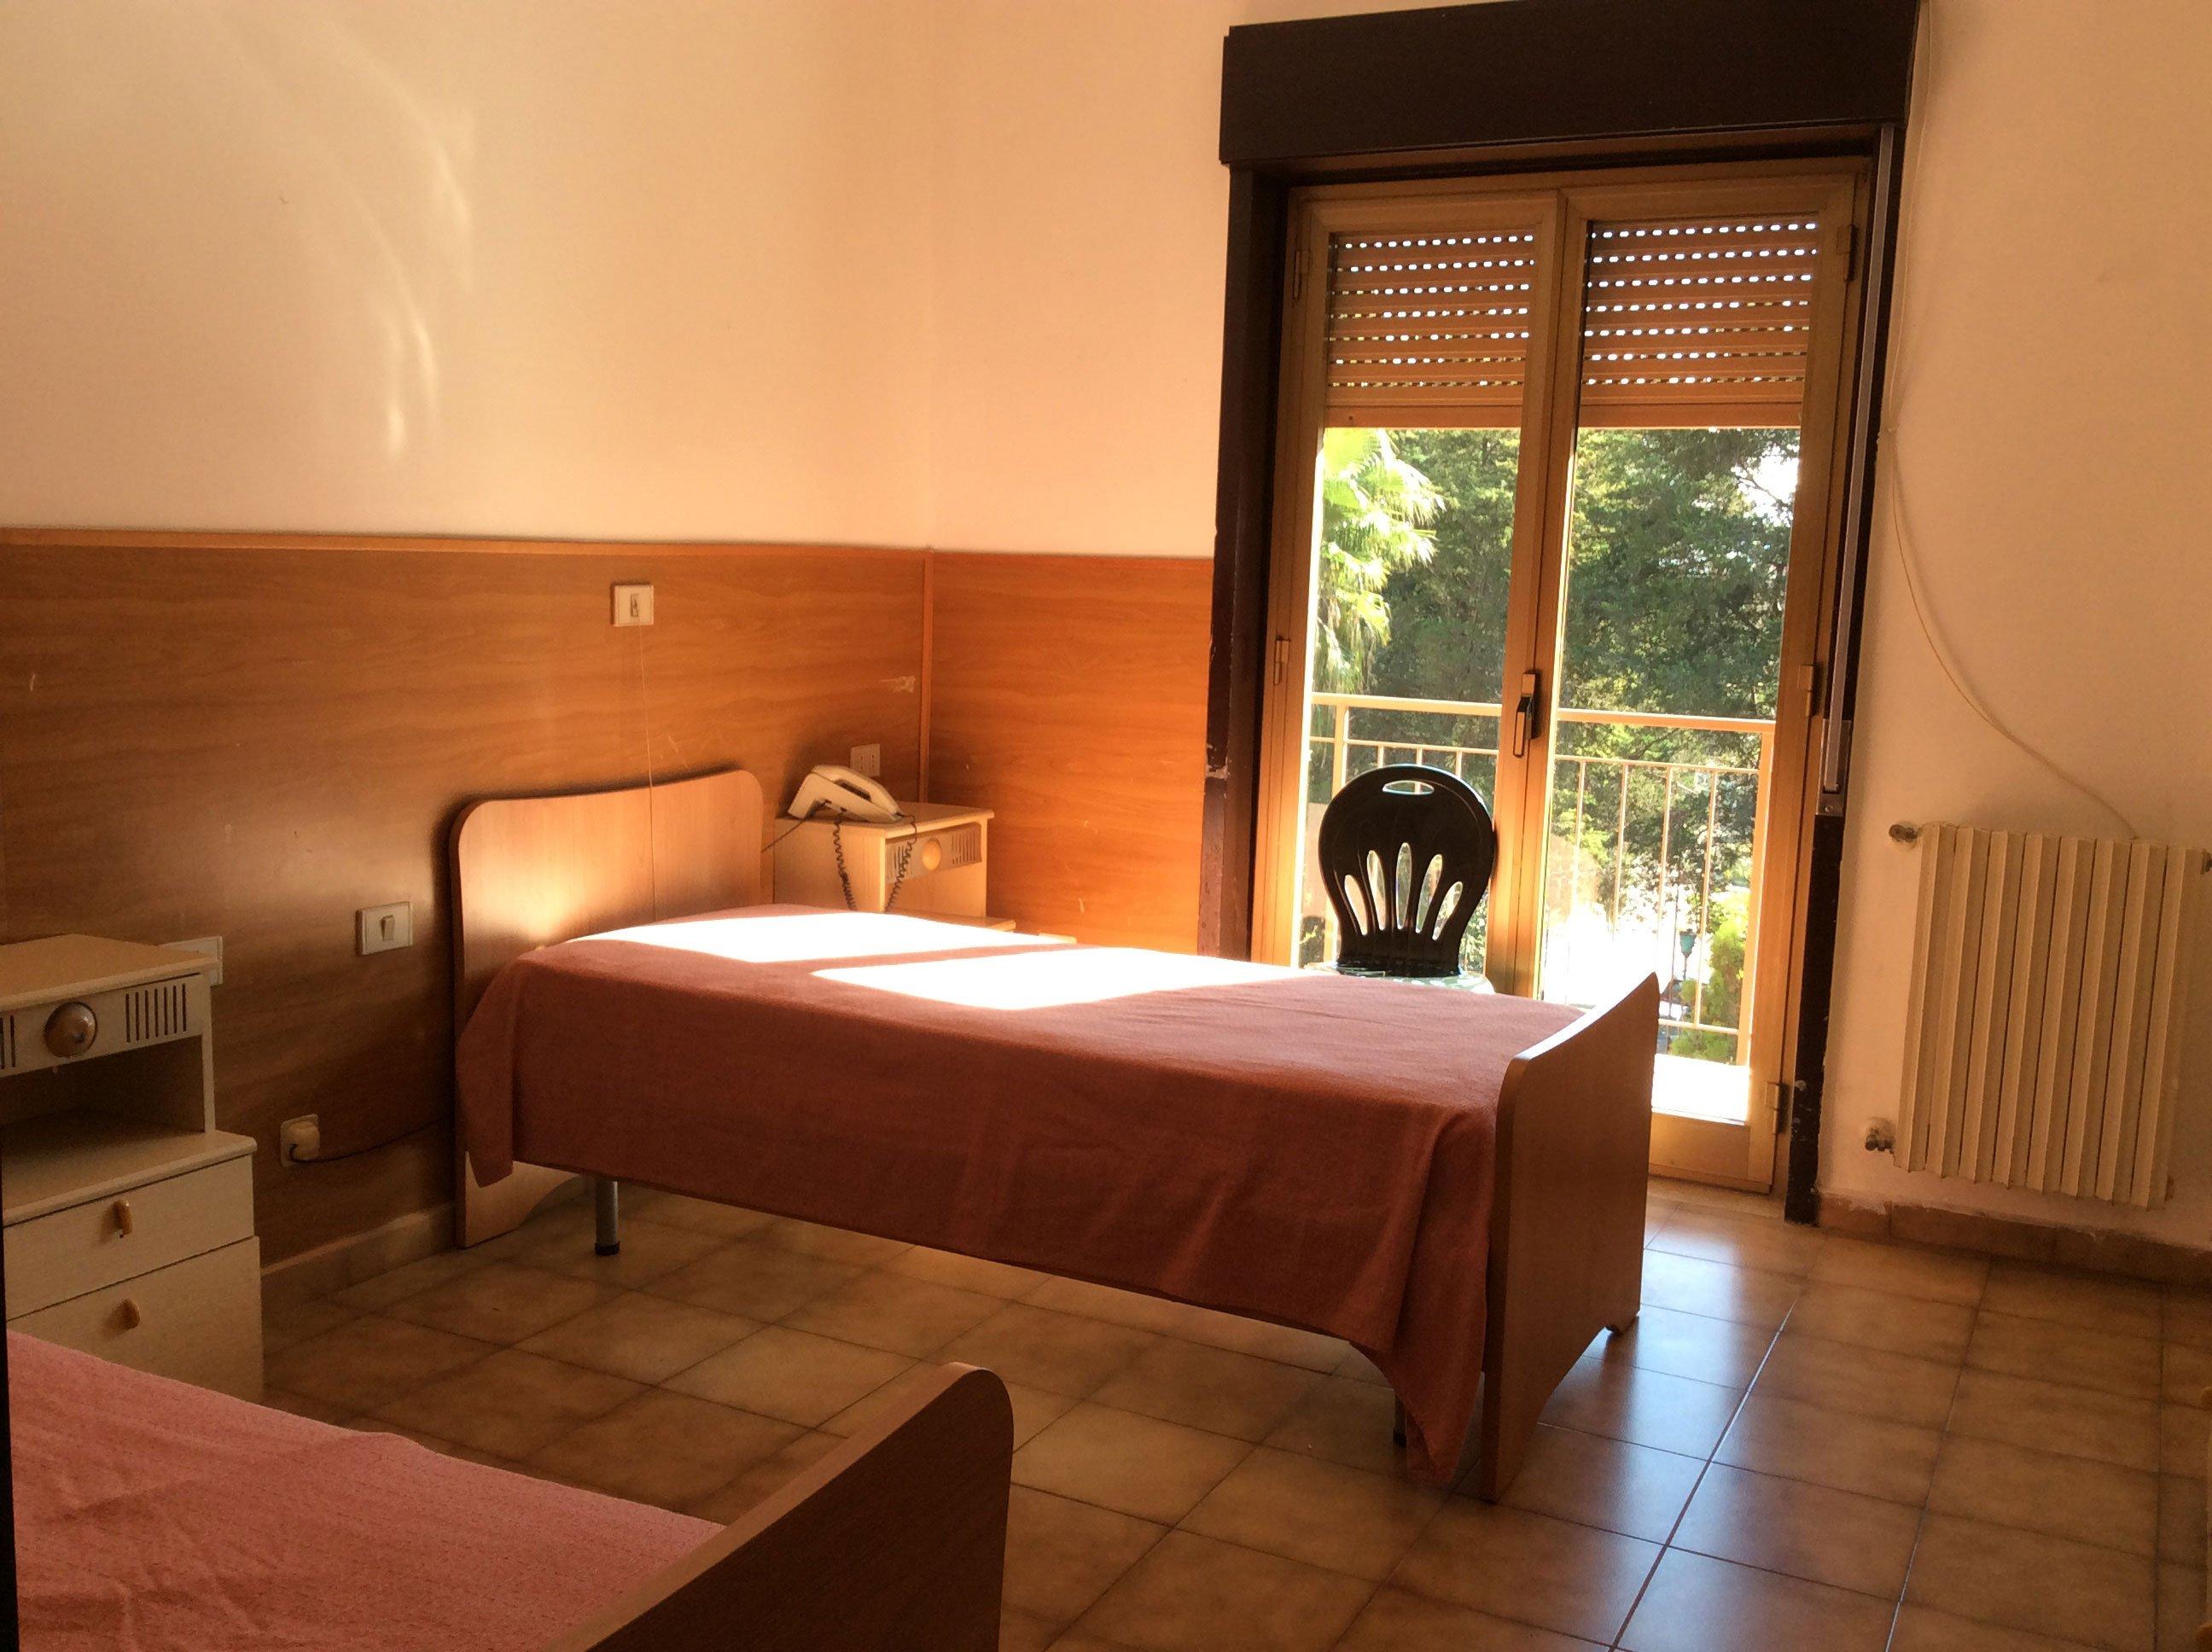 una stanza con due letti, un comodino, una sedia davanti alla finestra e la tapparella abbassata a meta'